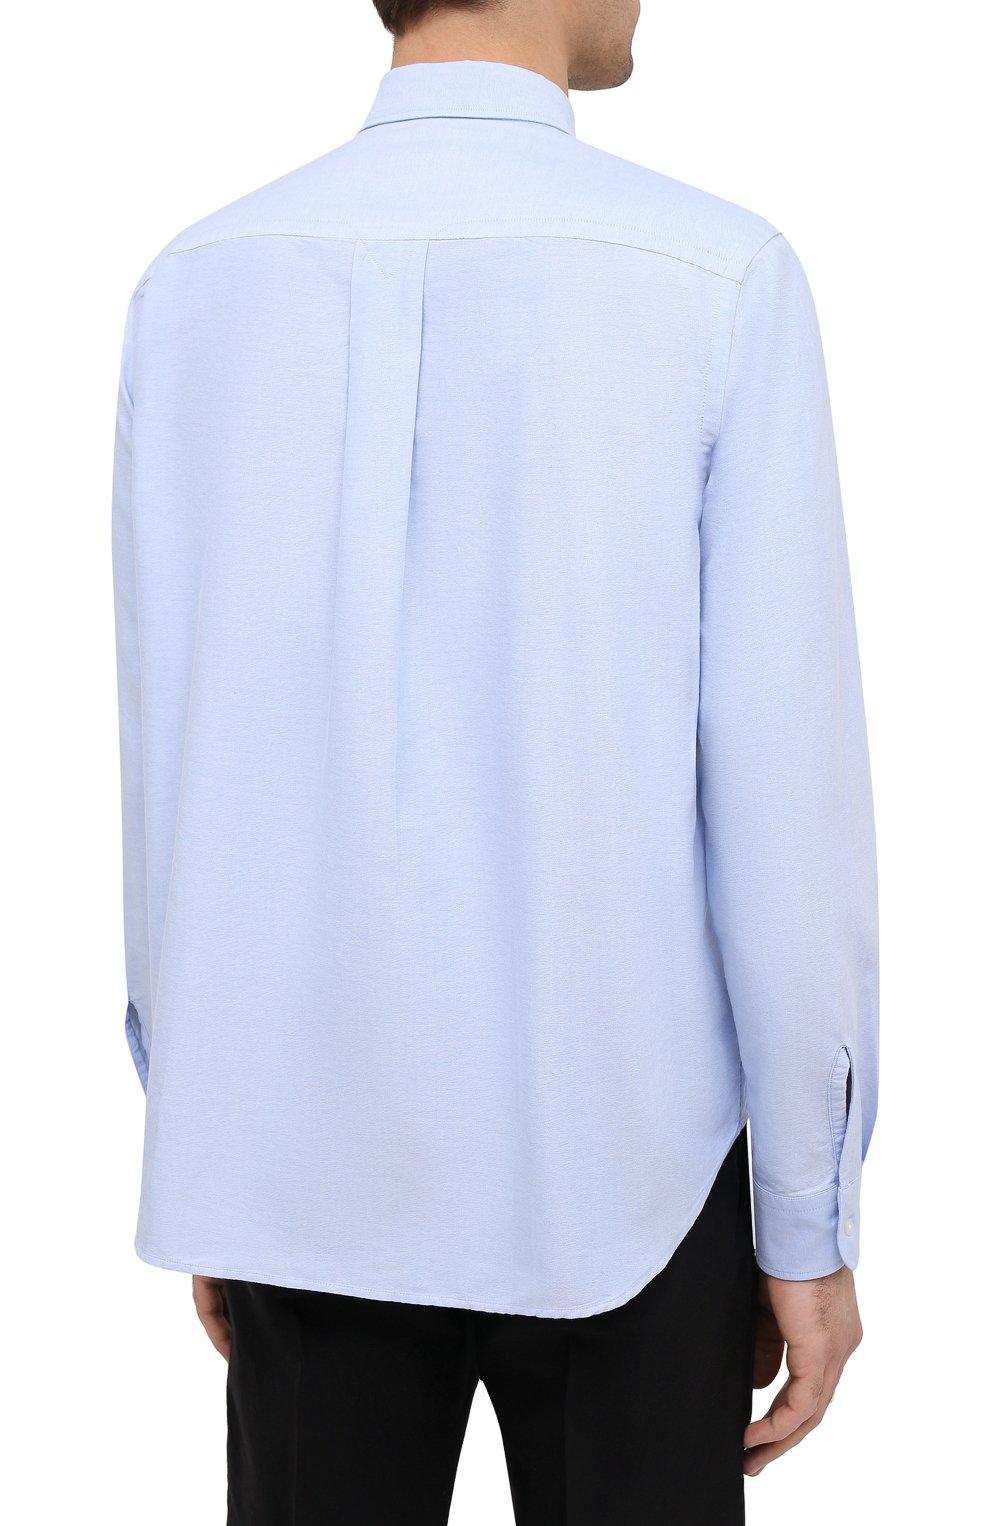 Мужская хлопковая рубашка KENZO голубого цвета, арт. FB55CH4001LD   Фото 4 (Манжеты: На пуговицах; Воротник: Button down; Рукава: Длинные; Рубашки М: Classic Fit; Случай: Повседневный; Длина (для топов): Стандартные; Материал внешний: Хлопок; Принт: Однотонные; Стили: Кэжуэл)